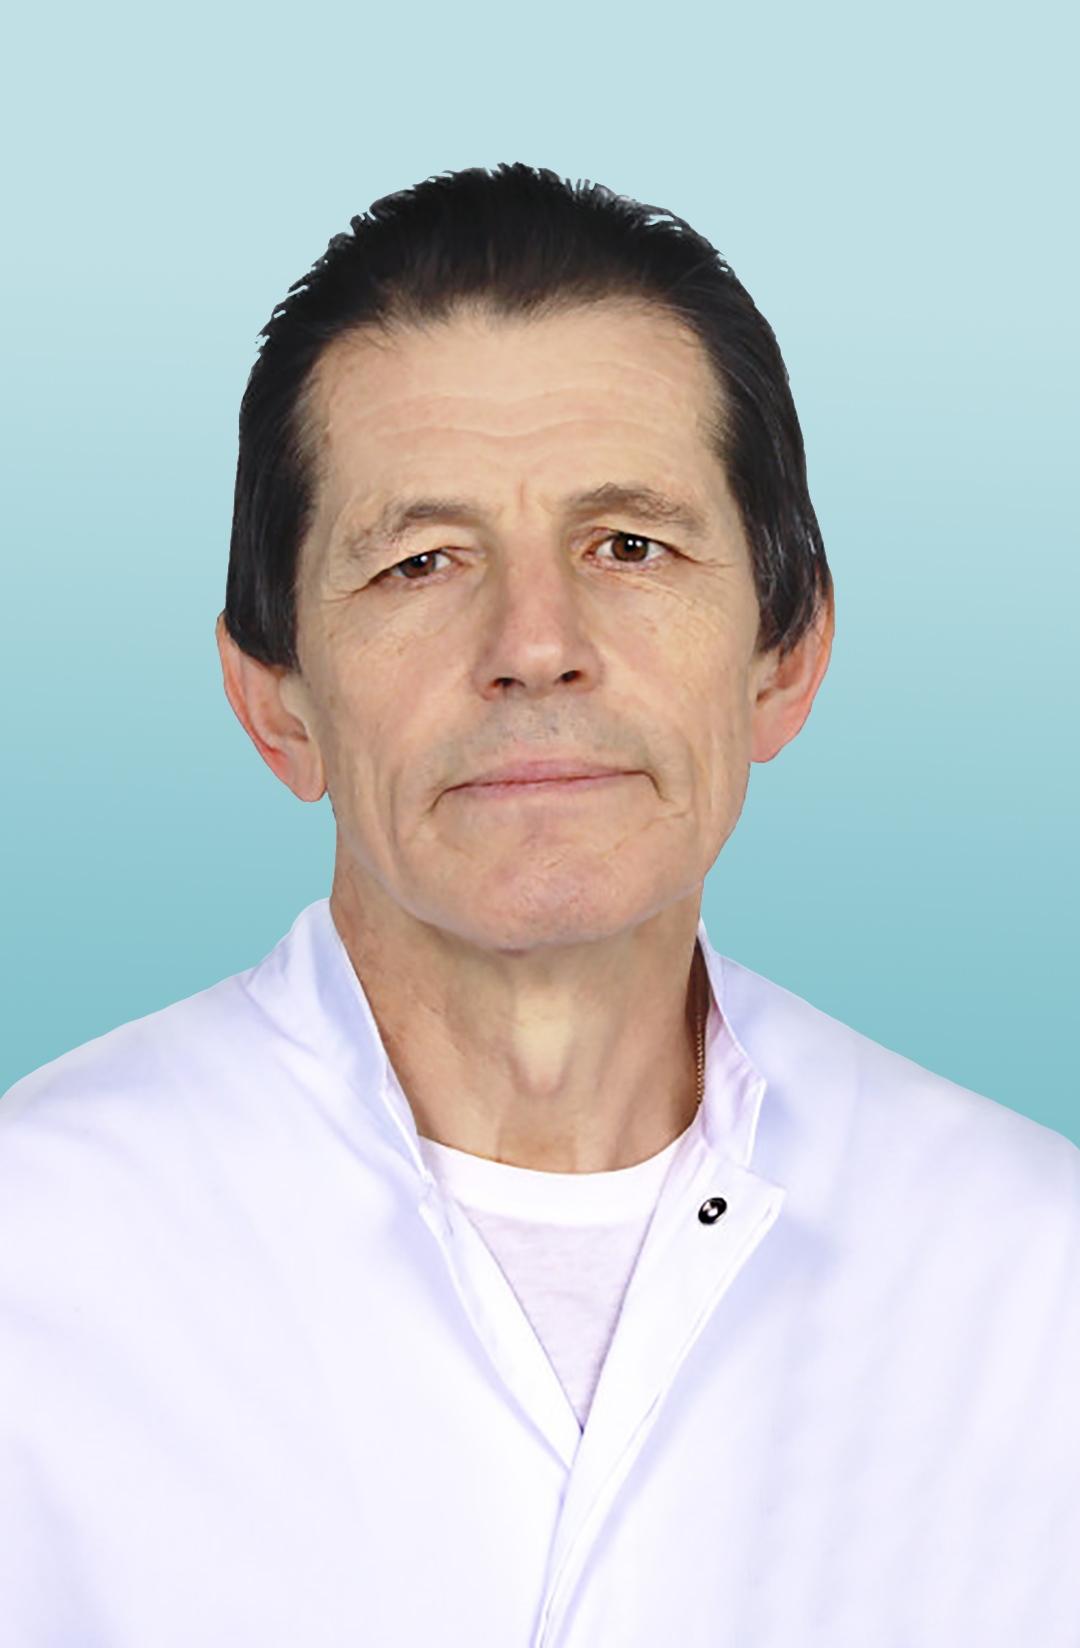 Врач невролог Анохин Дмитрий Николаевич